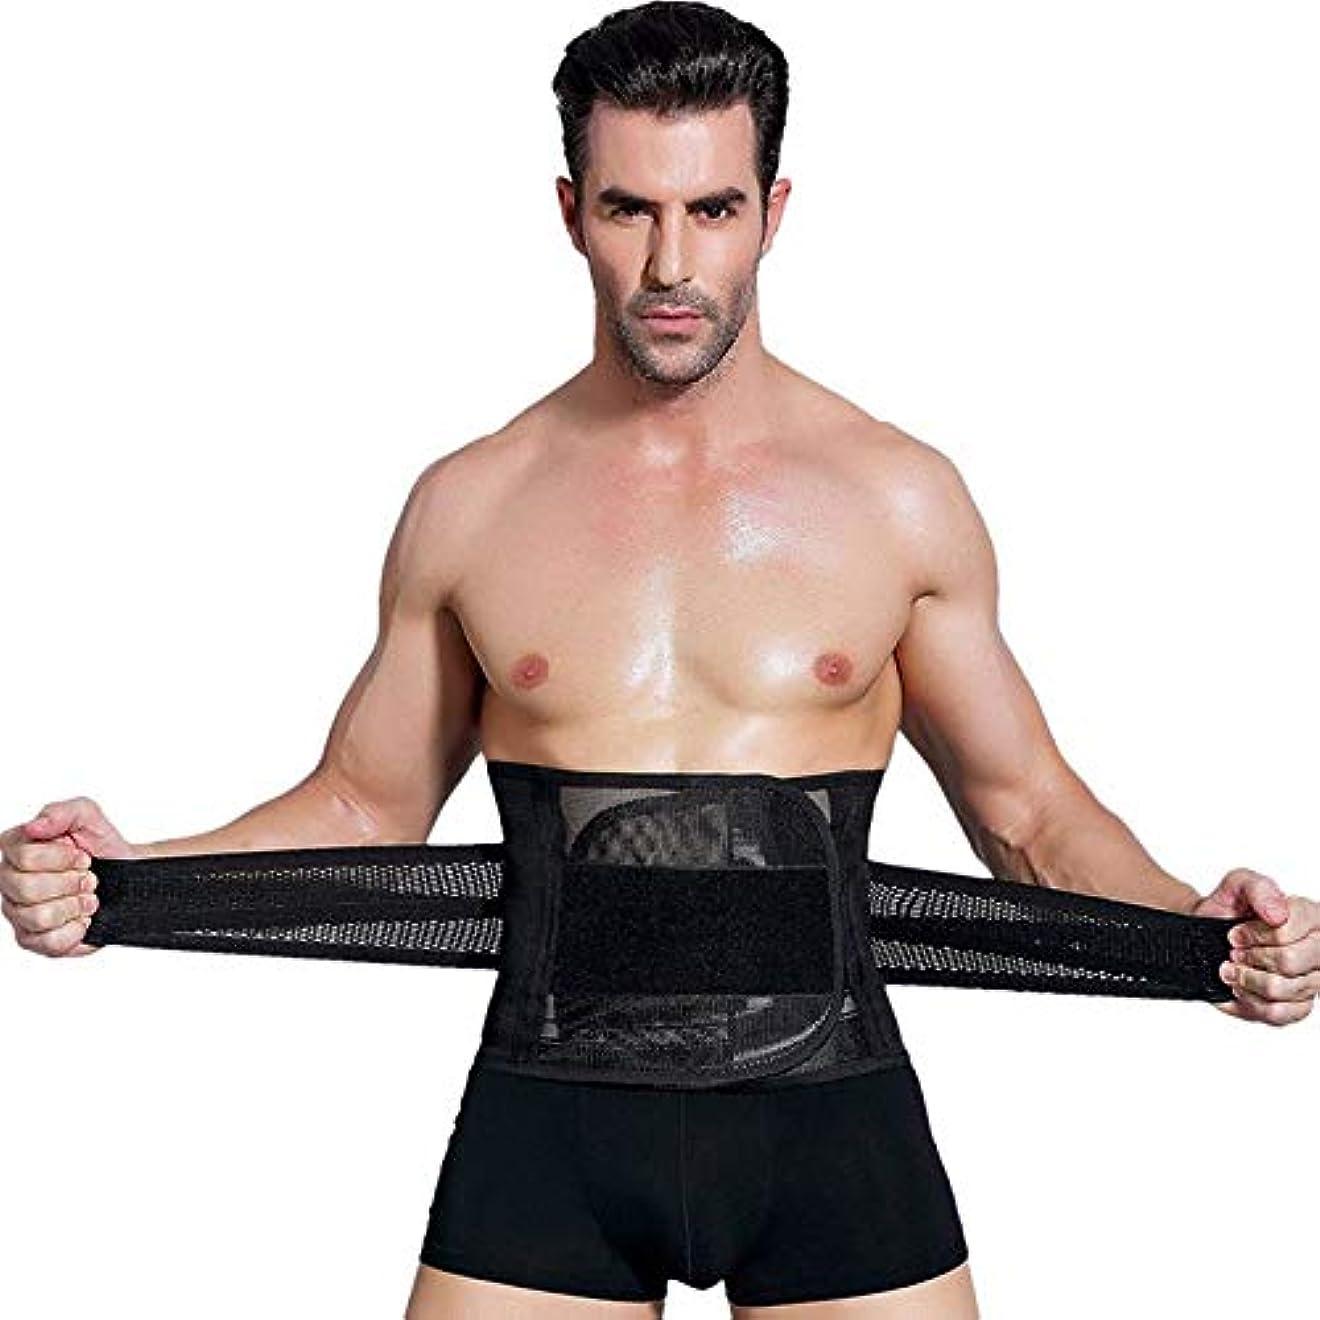 悩む素晴らしい爵男性ボディシェイパーコルセット腹部おなかコントロールウエストトレーナーニッパー脂肪燃焼ガードル痩身腹ベルト用男性 - ブラックXXL